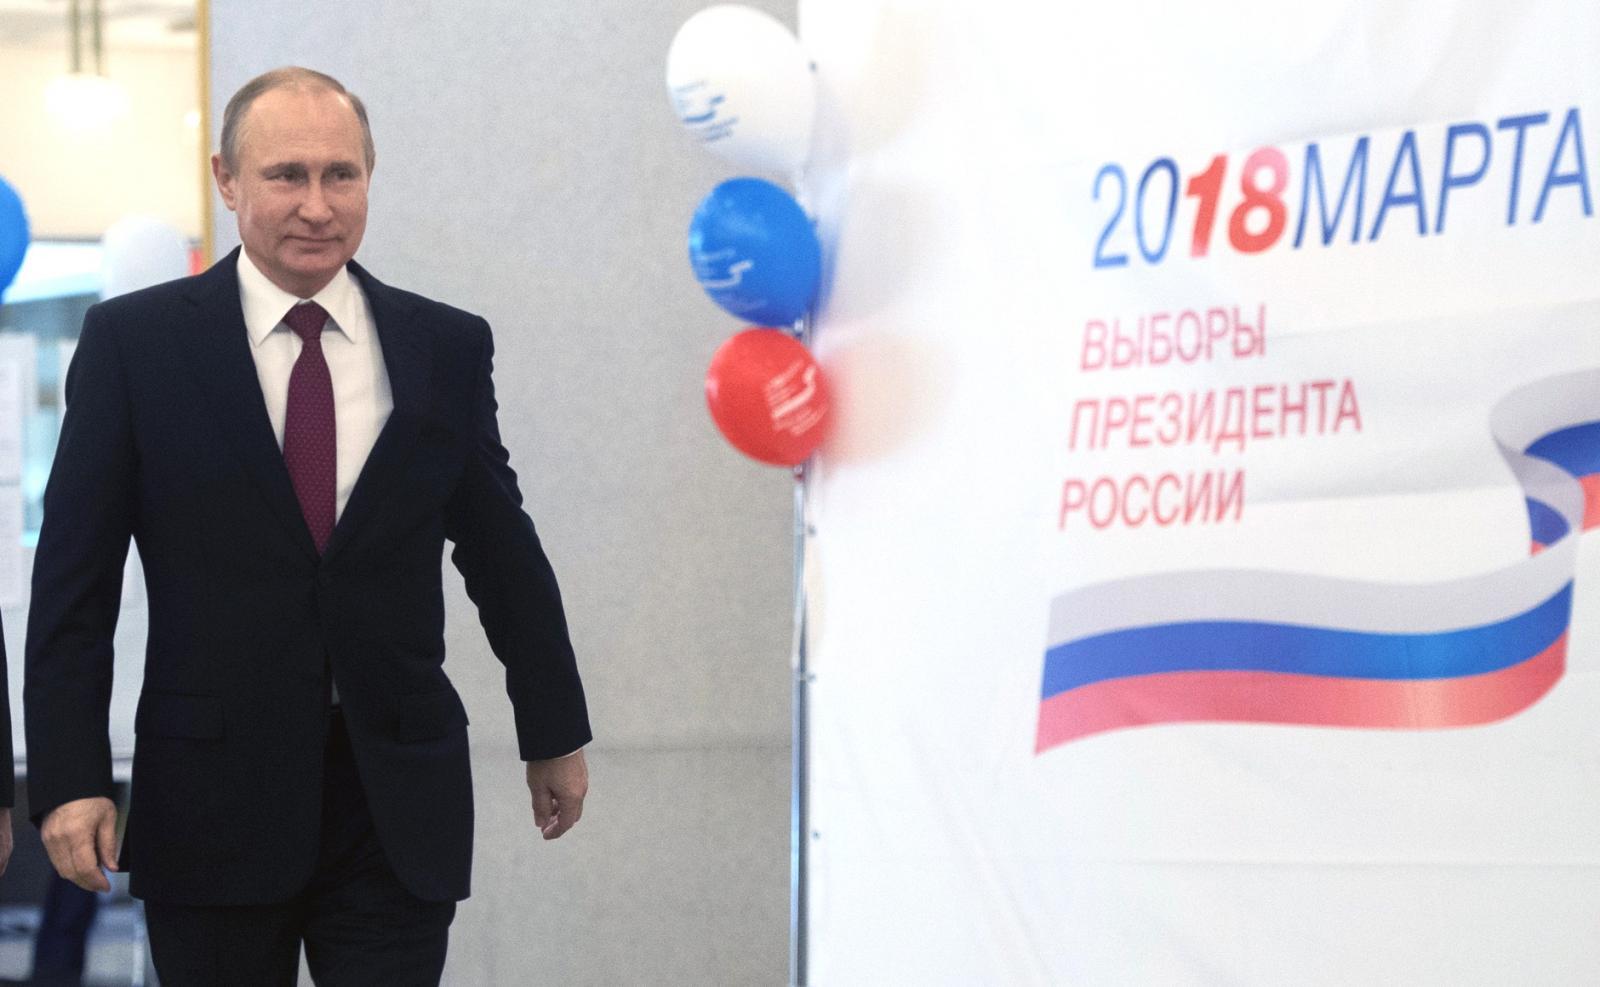 Три лучше, чем два: вГосдуму внесли законопроект отрех президентских сроках